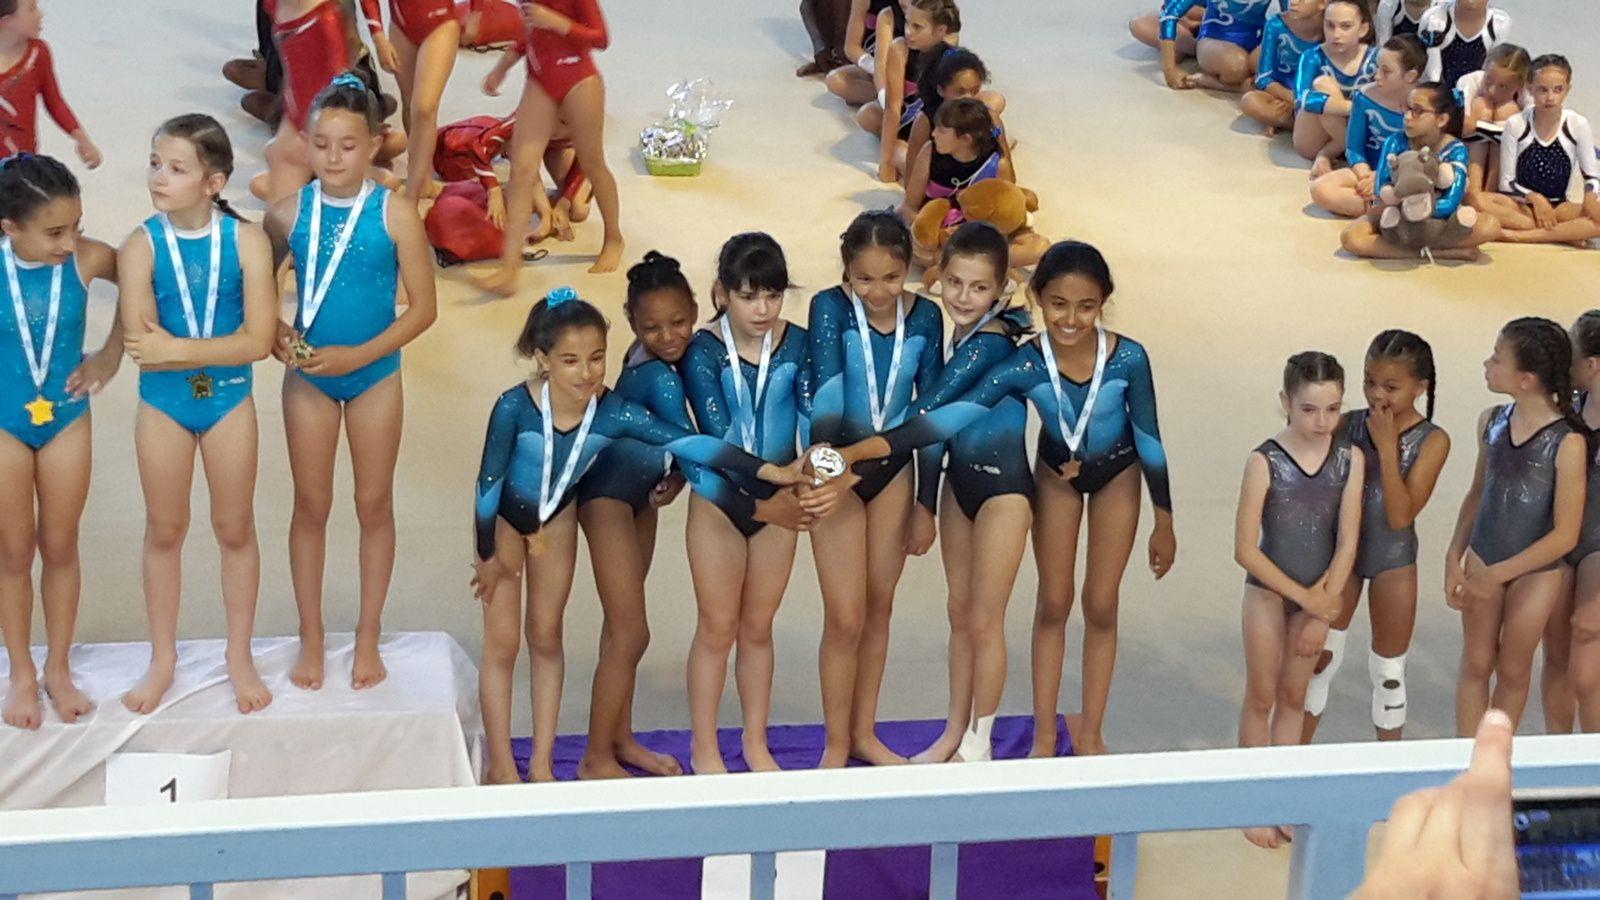 Les N5 7-14 ans du CMOV Gym sont championnes de la zone Sud Est  UFOLEP Filière jeunes - Photos : © CMOV Gym